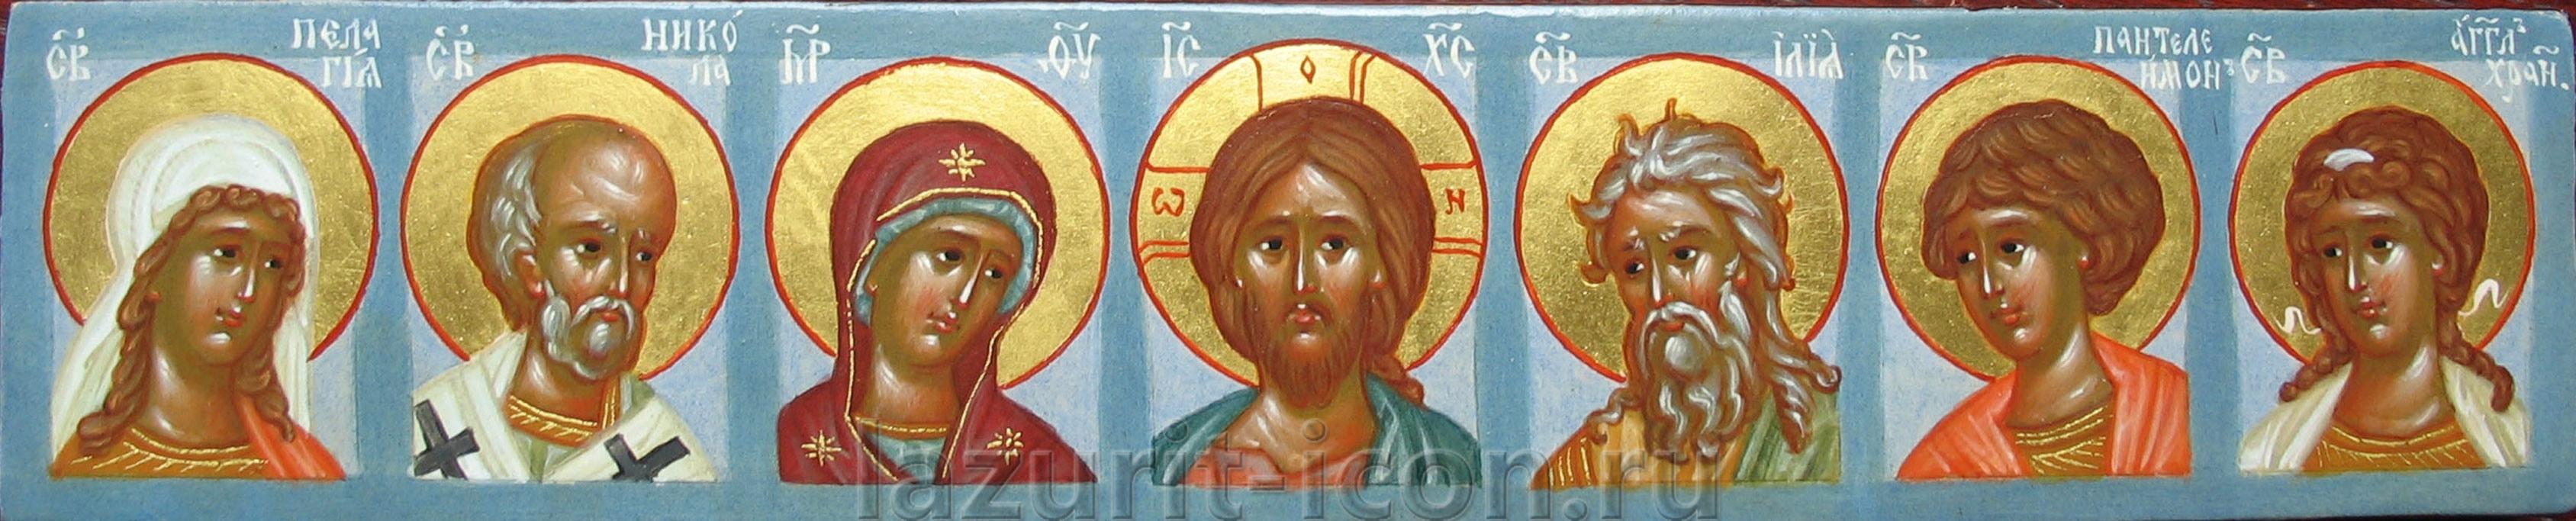 избранные святые (икона, которую можно брать с собой в дорогу)